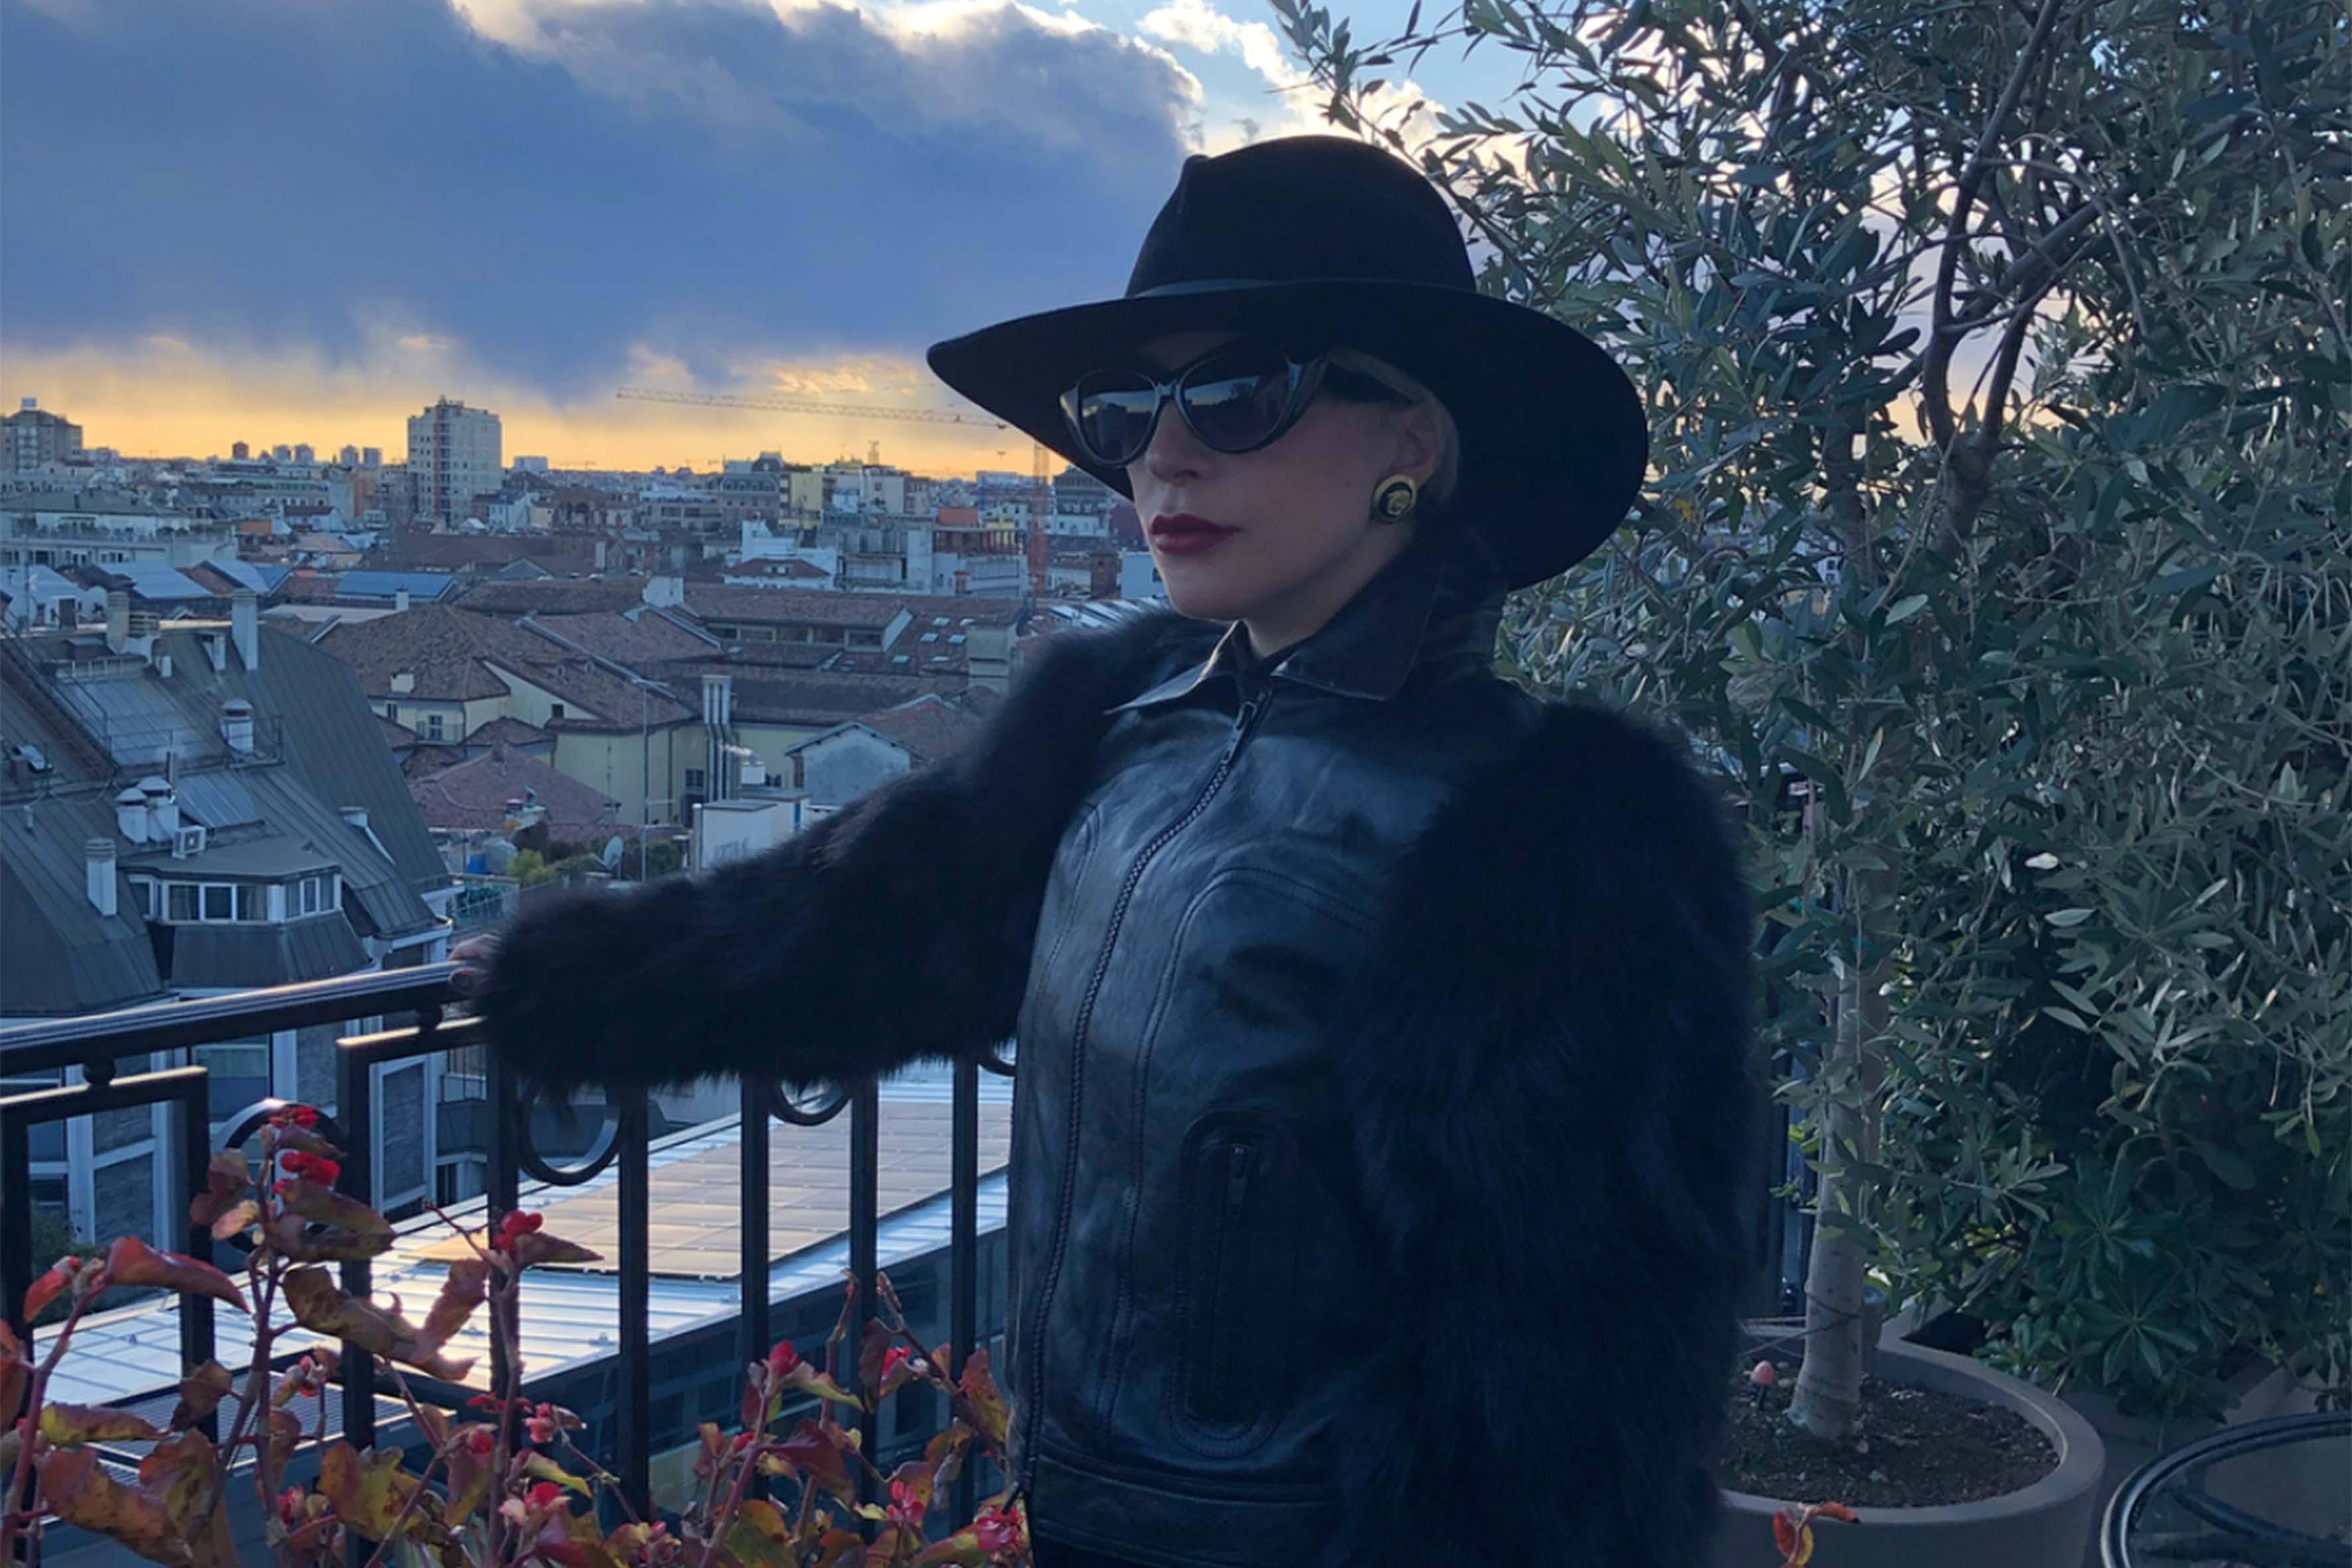 """Lady Gaga ha postato sui social una foto con una panoramica di Milano e una dedica alla grande amica Donatella Versace. """"Grazie per questi bei regali. Non dimenticherò mai questo momento, sono rimasta come sempre senza parole. Riesci sempre farmi sentire a casa a Milano e questo significa così tanto per una ragazza italo americana come me. Ti amo, mia regina"""""""